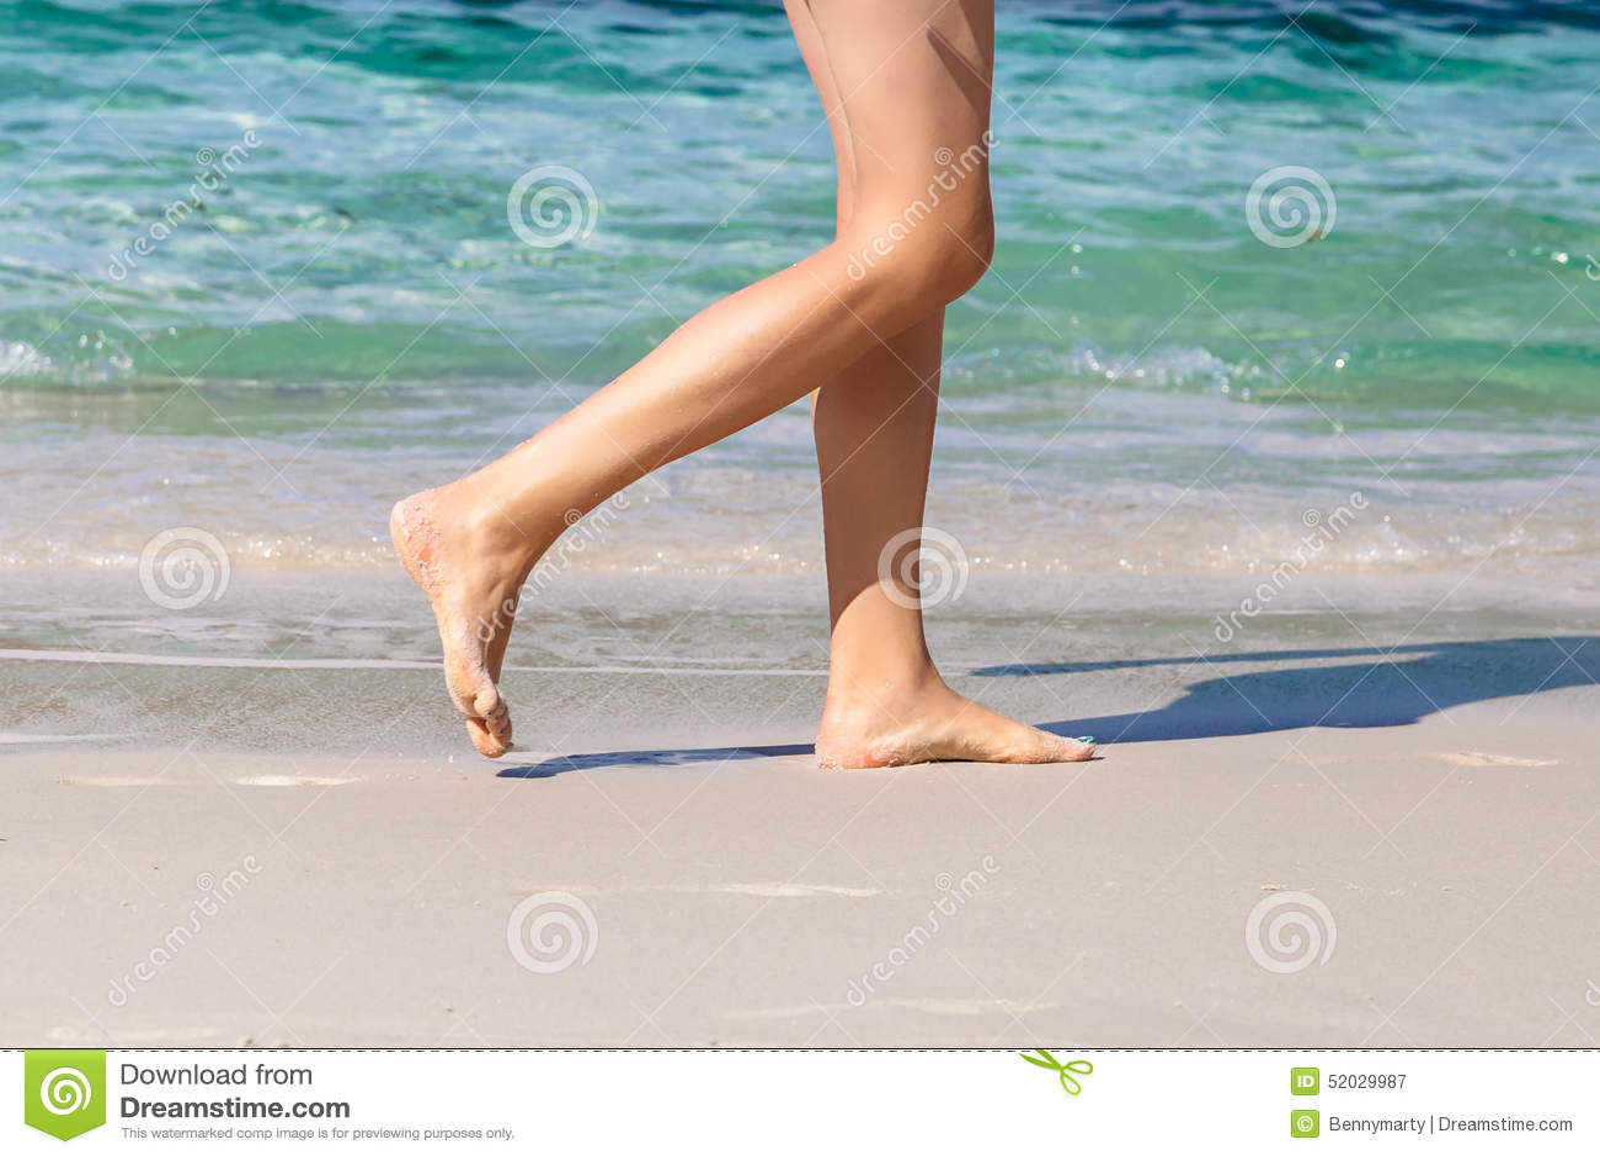 Indisk flicka naken i en strand can